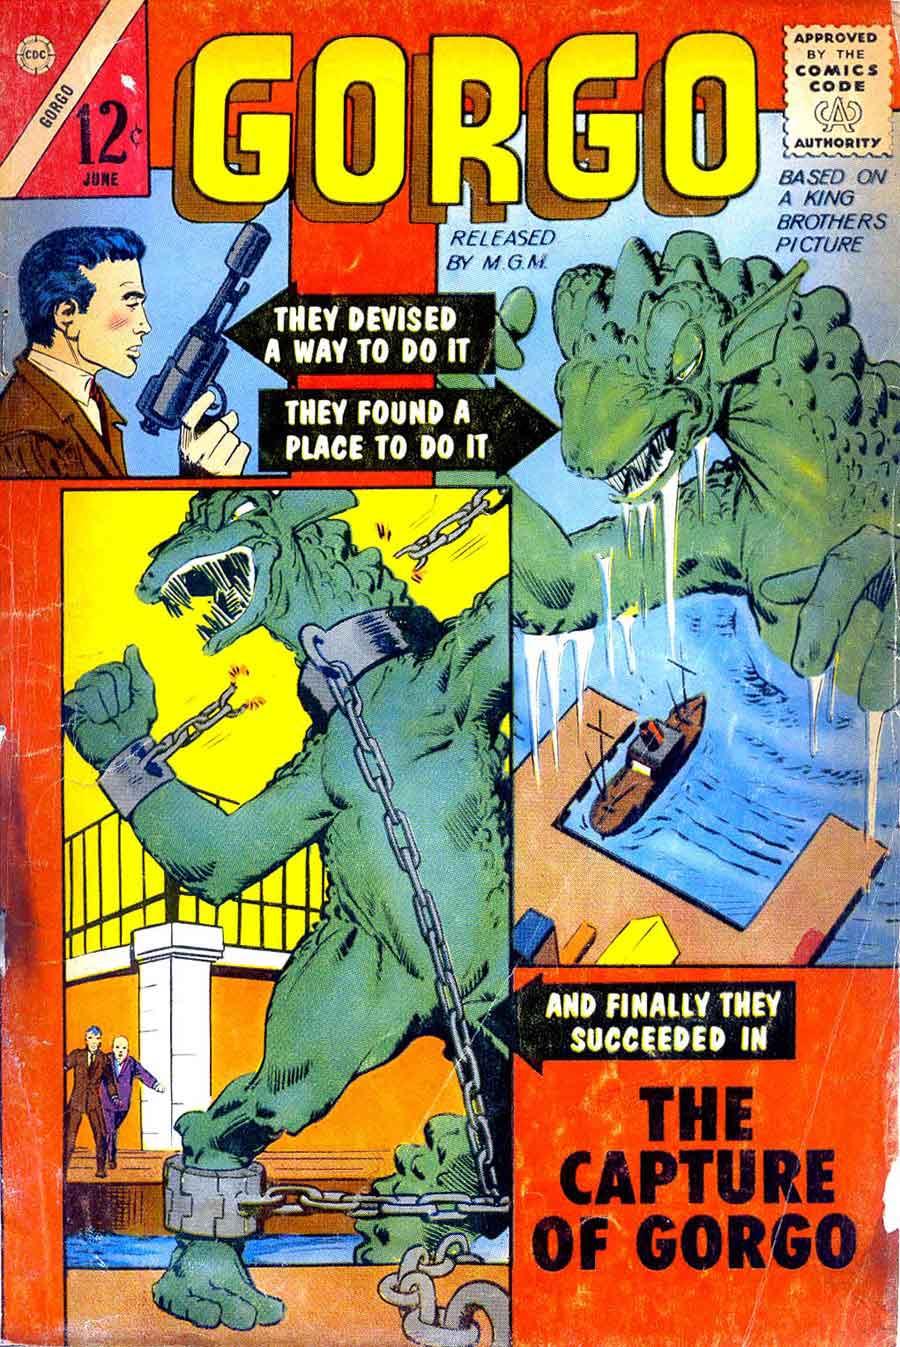 Gorgo v1 #13 charlton monster comic book cover art by Steve Ditko